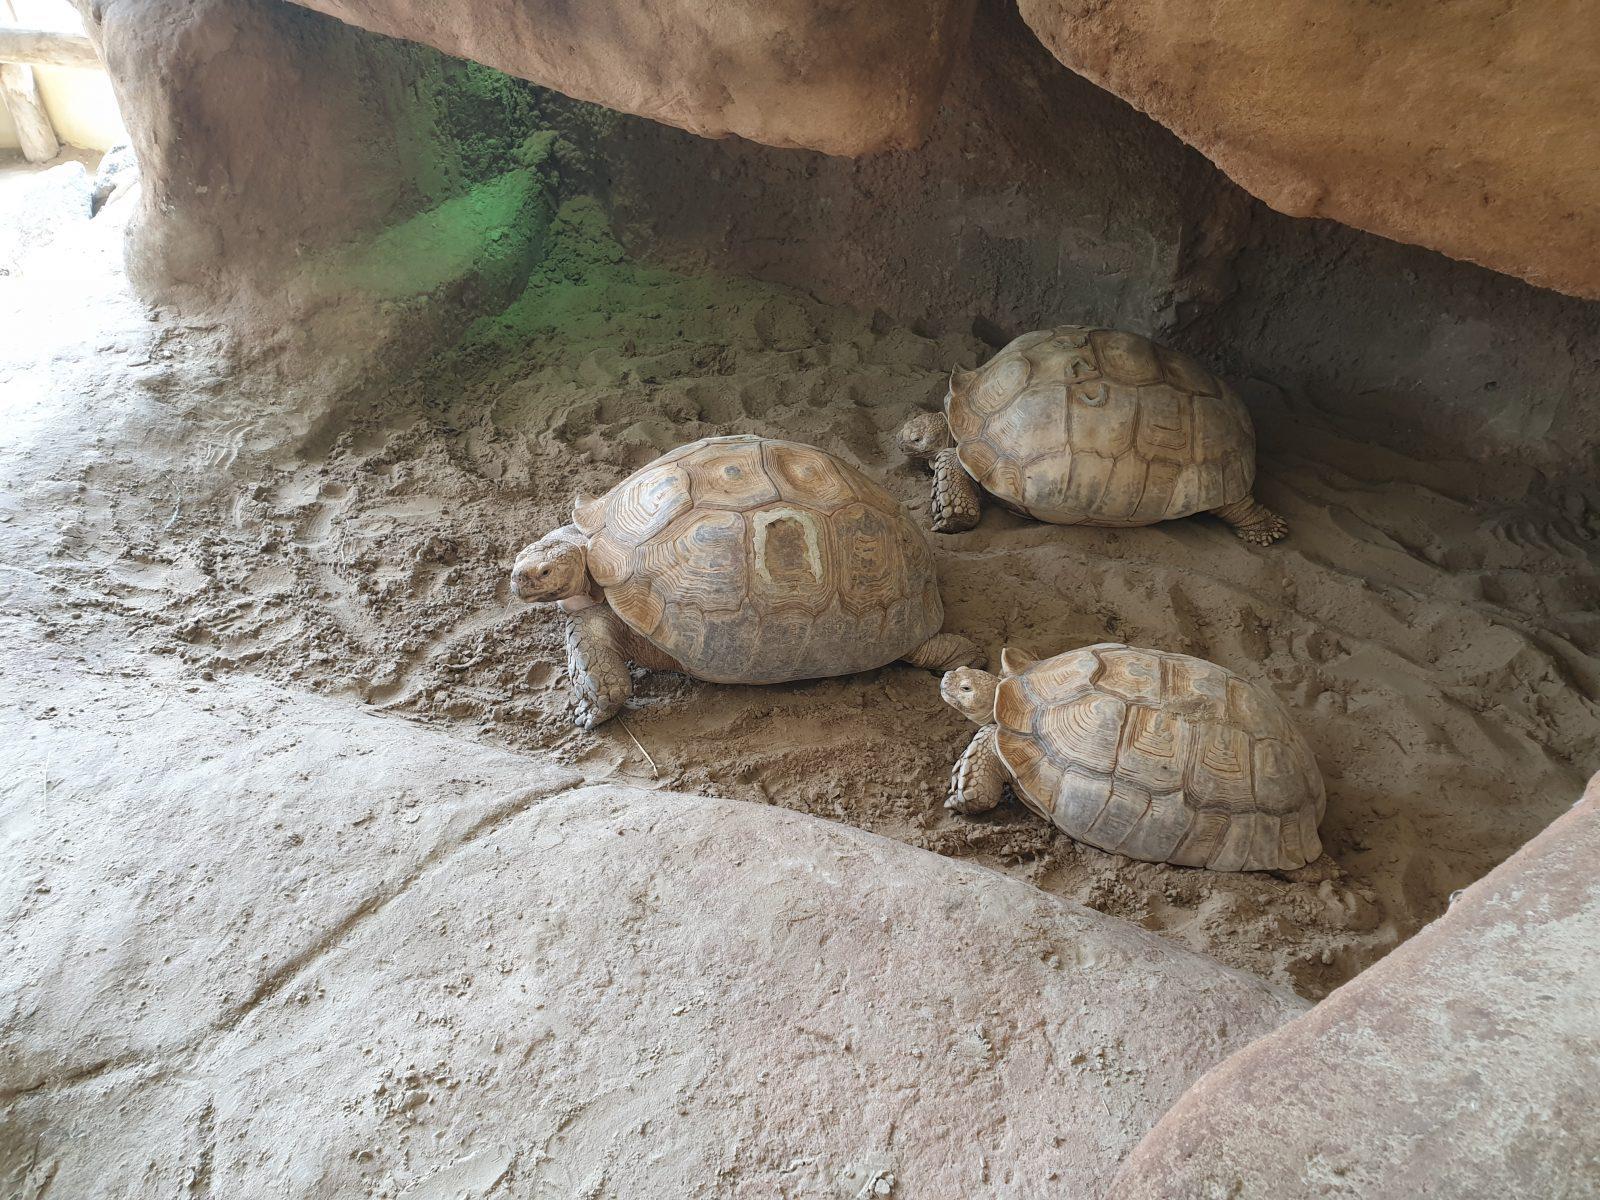 sporenschildpadden wildlands